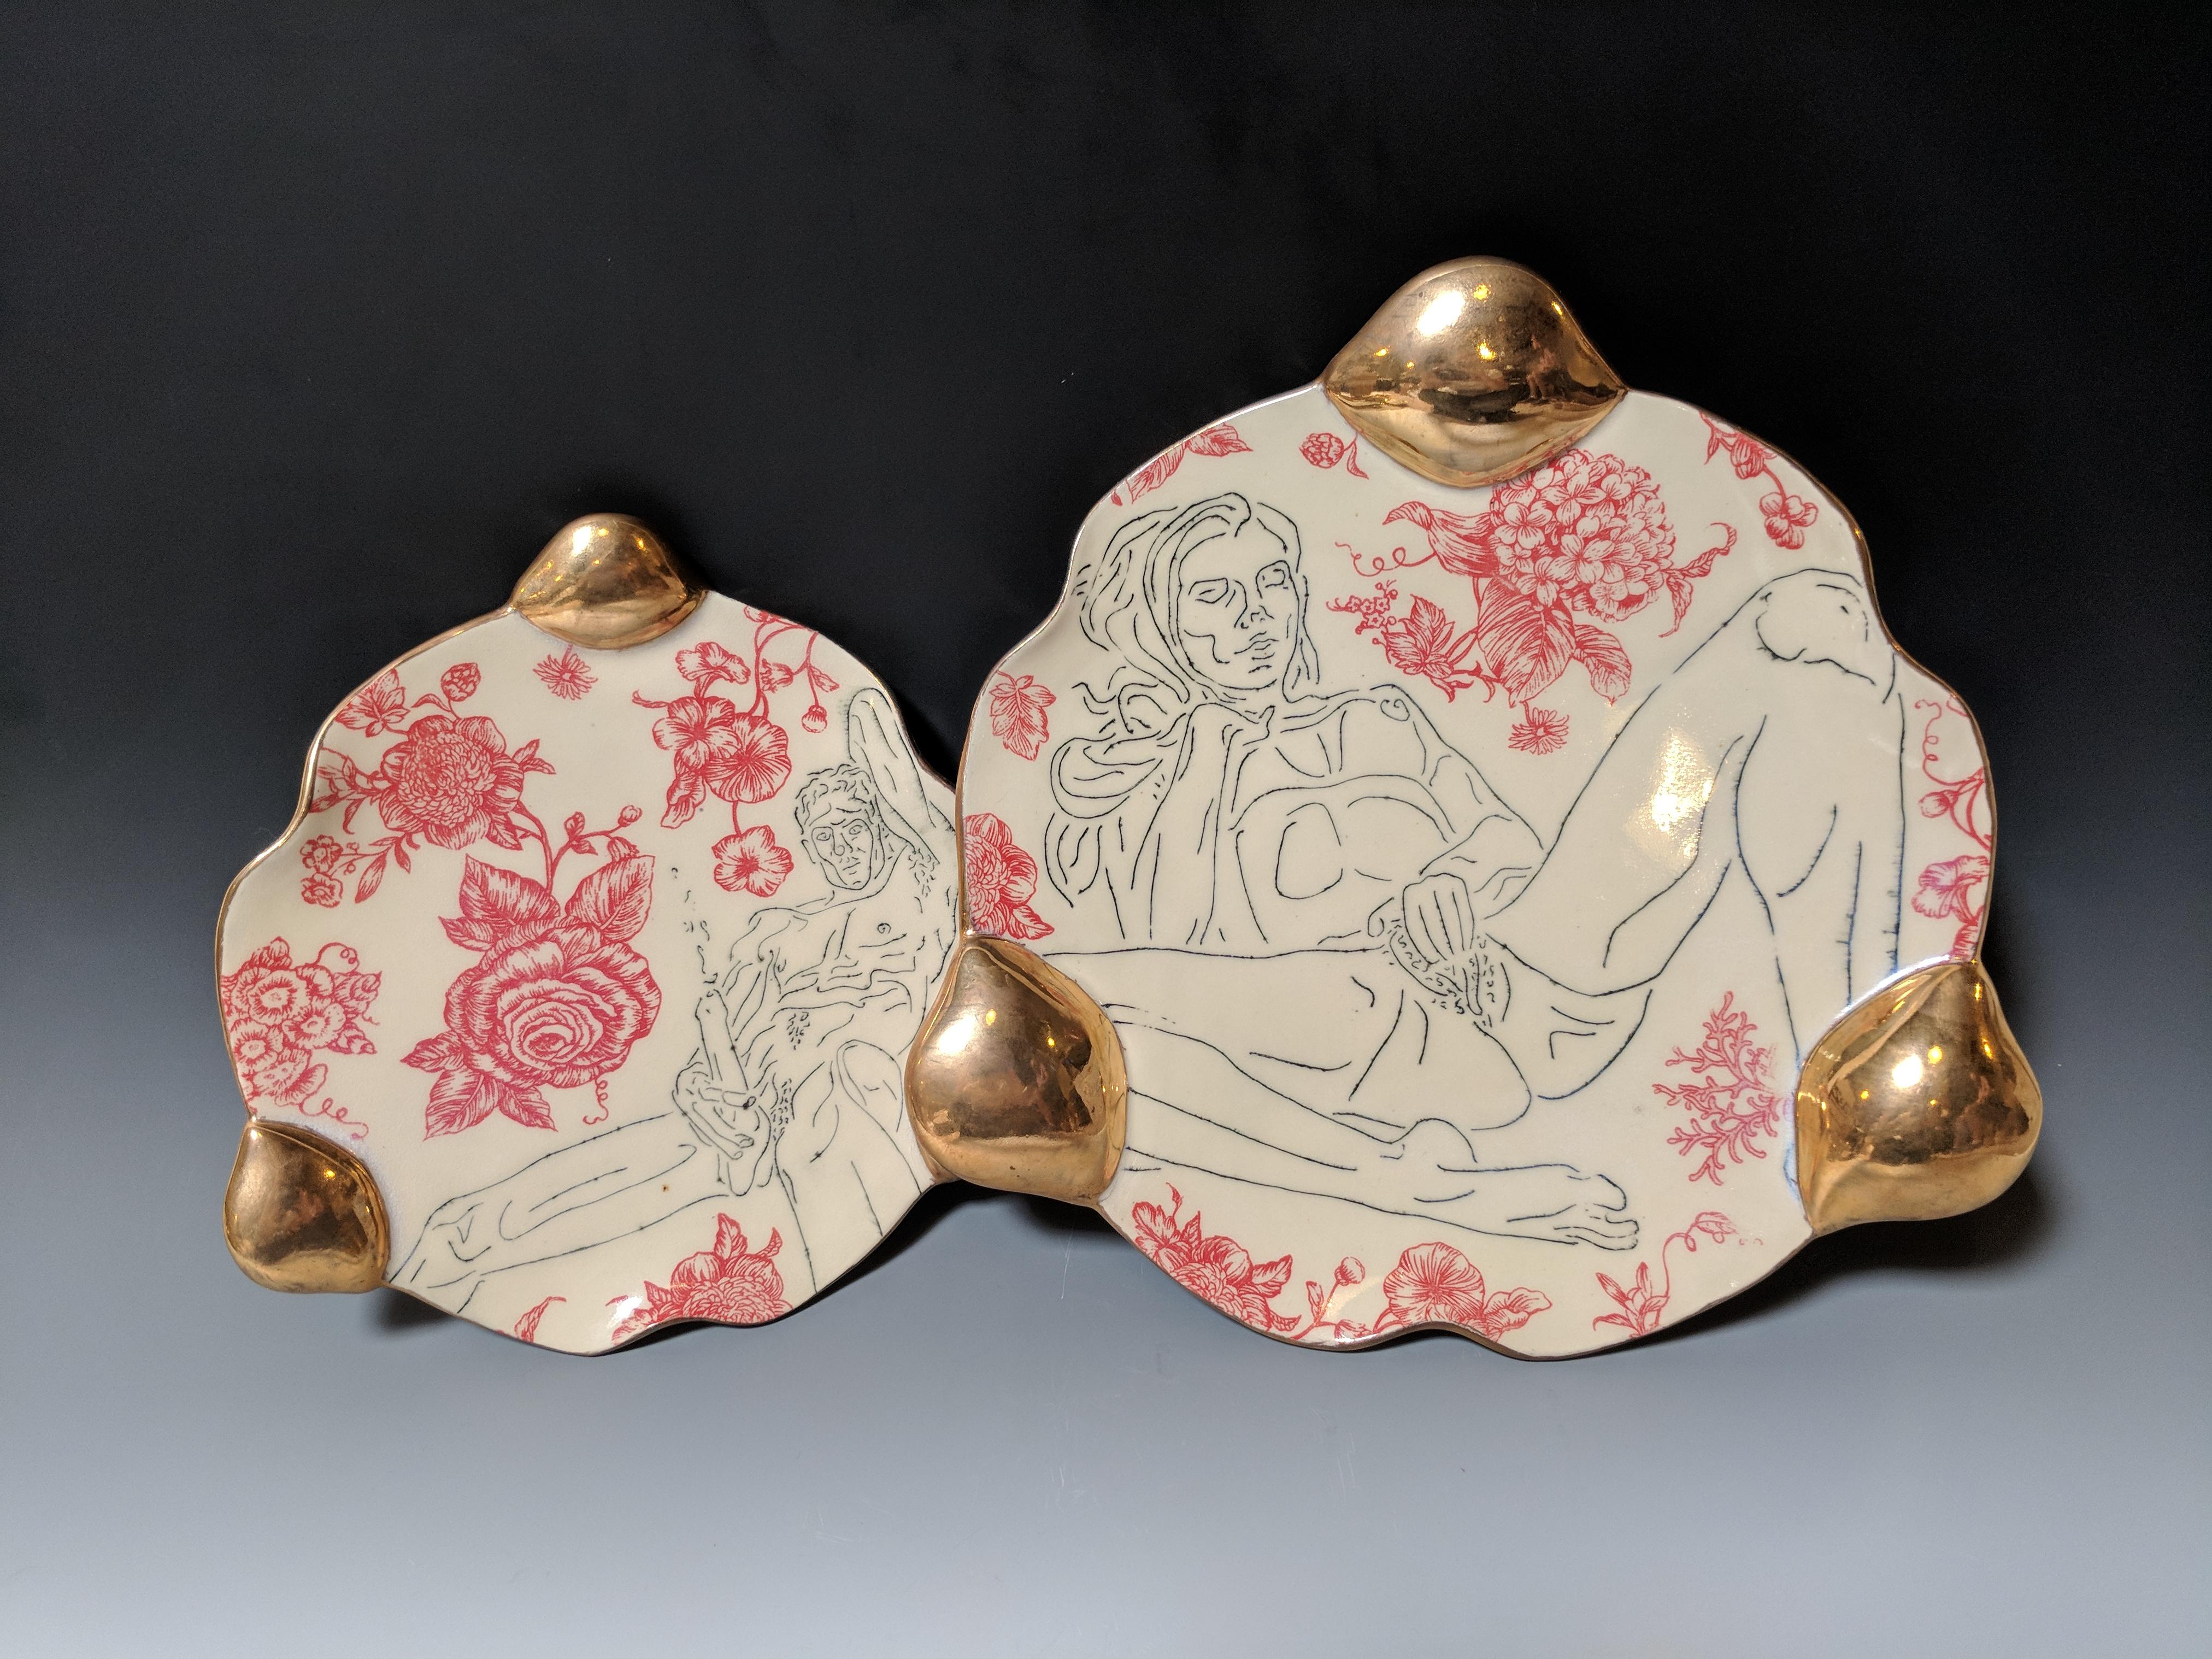 Sexpot Plates